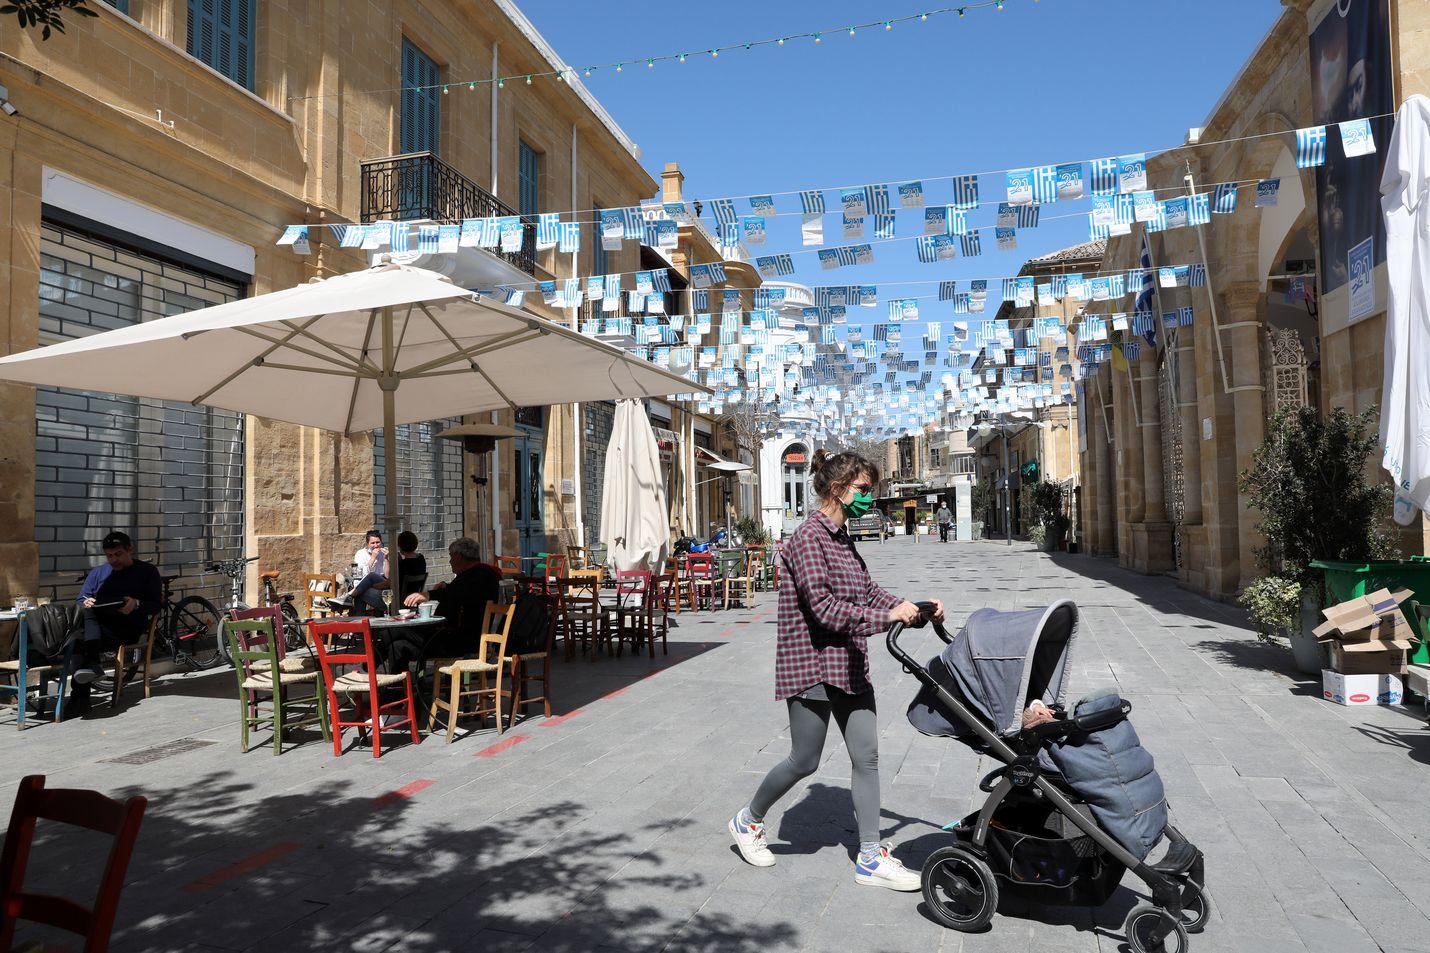 Kypros avasi kahviloita uudestaan 16. maalikuuta Nikosiassa. Kyproksen saarivaltio on yksi kesän 2021 eniten suomalaisten varauksia saaneista matkakohteista.